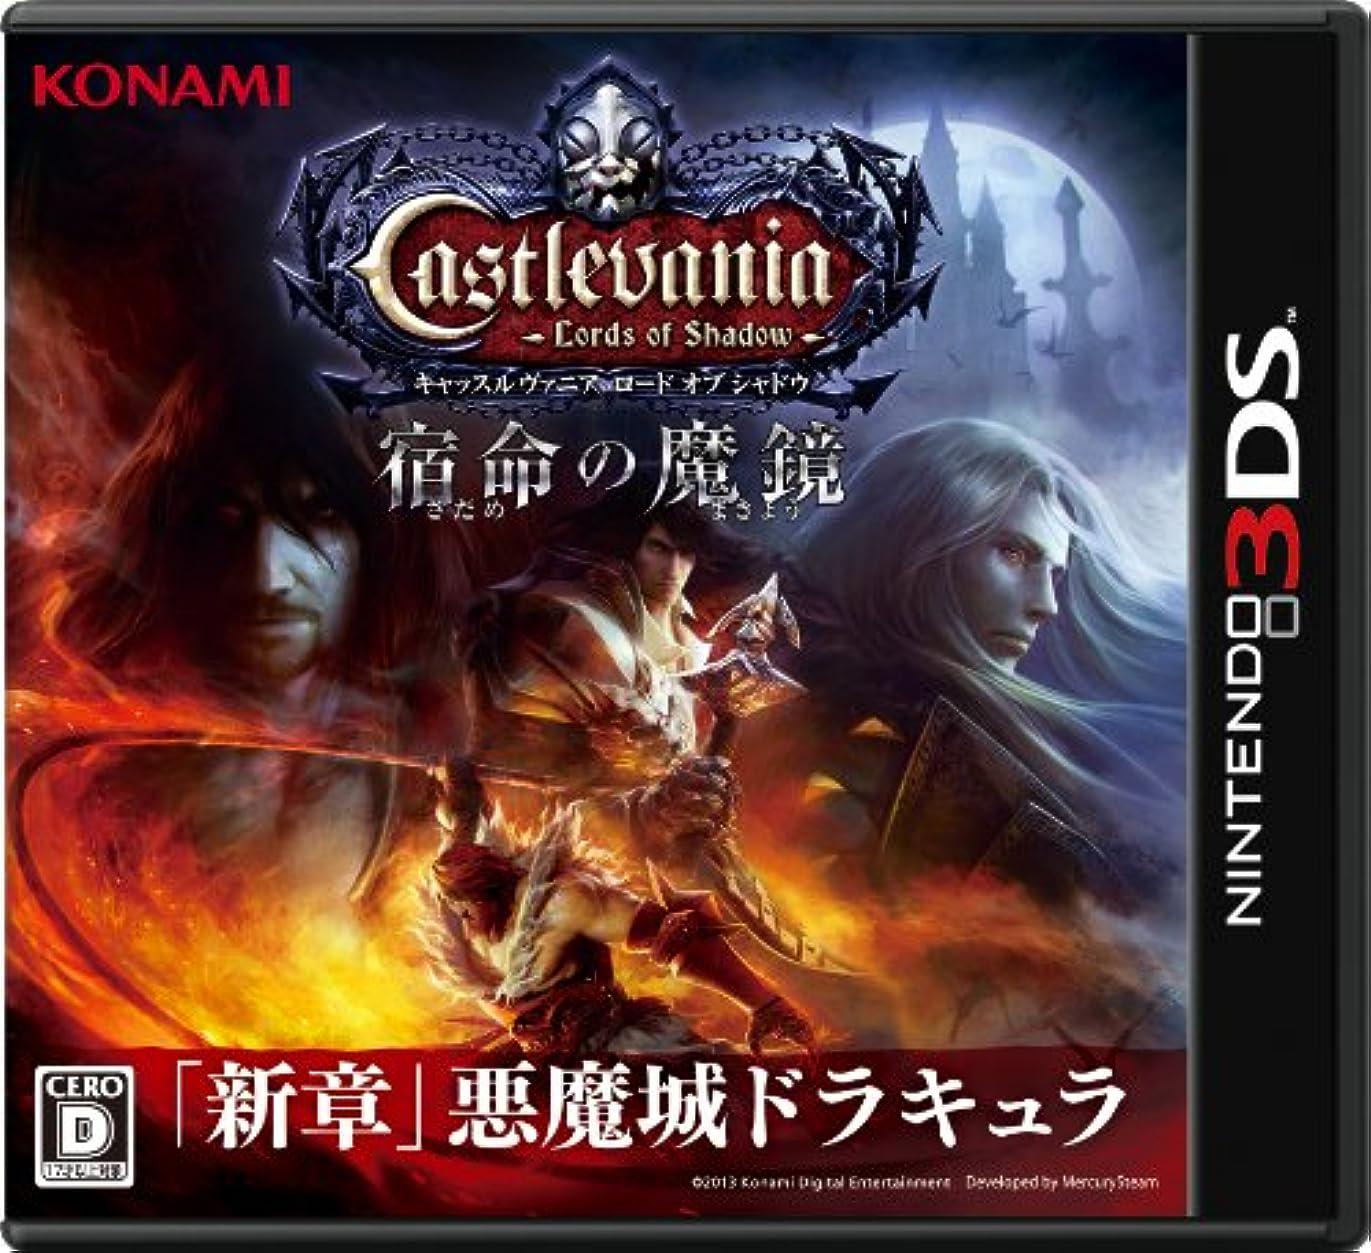 ブラジャーアーサー不一致Castlevania - Lords of Shadow - 宿命の魔鏡 (キャッスルヴァニア ロード オブ シャドウ さだめのまきょう) - 3DS